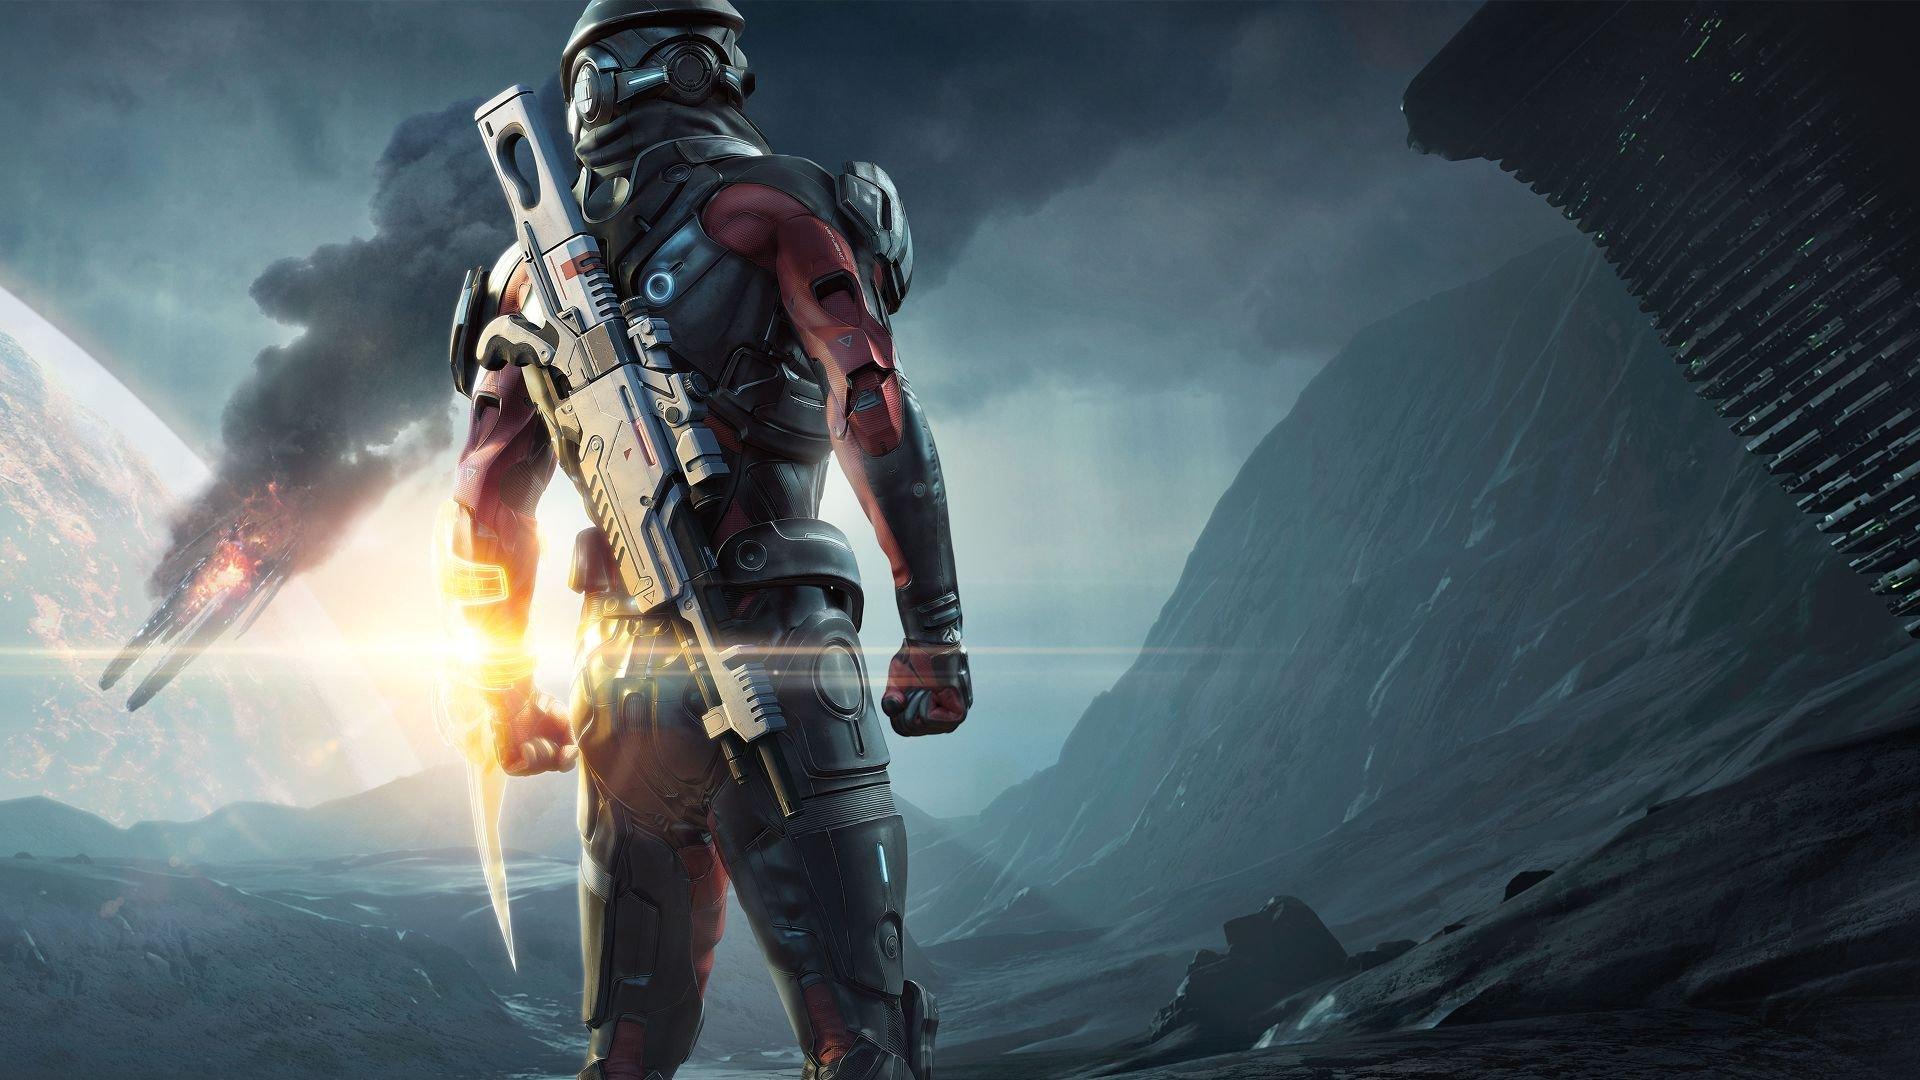 Mass Effect: Andromeda – nuove immagini, scene di gioco e informazioni per l'N7 Day 2016